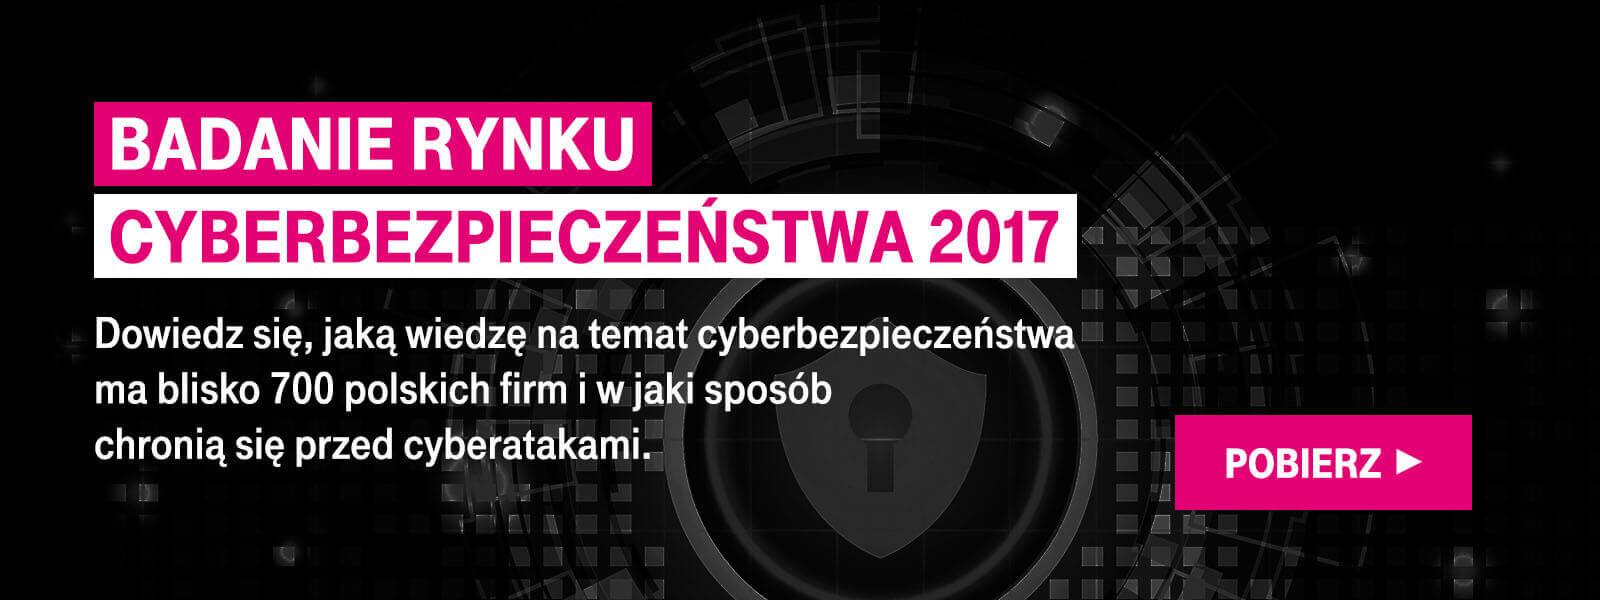 badanie-rynku-cyberbezpieczenstwa